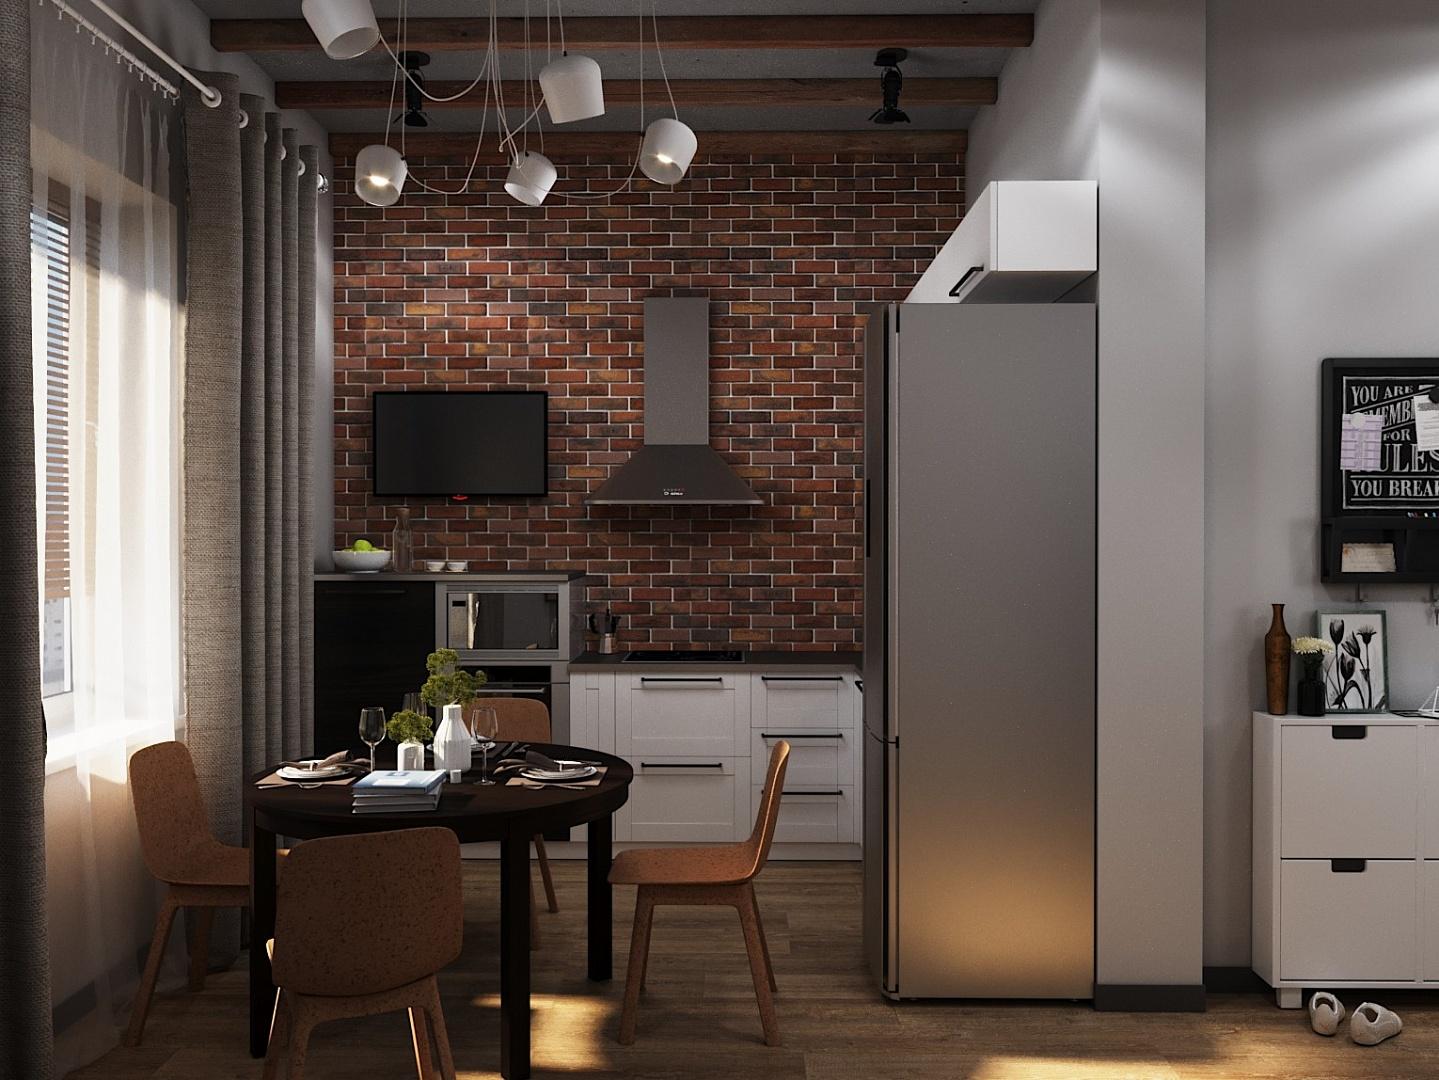 Дизайн в стиле лофт: 215+ (фото) смелых интерьеров со вкусом